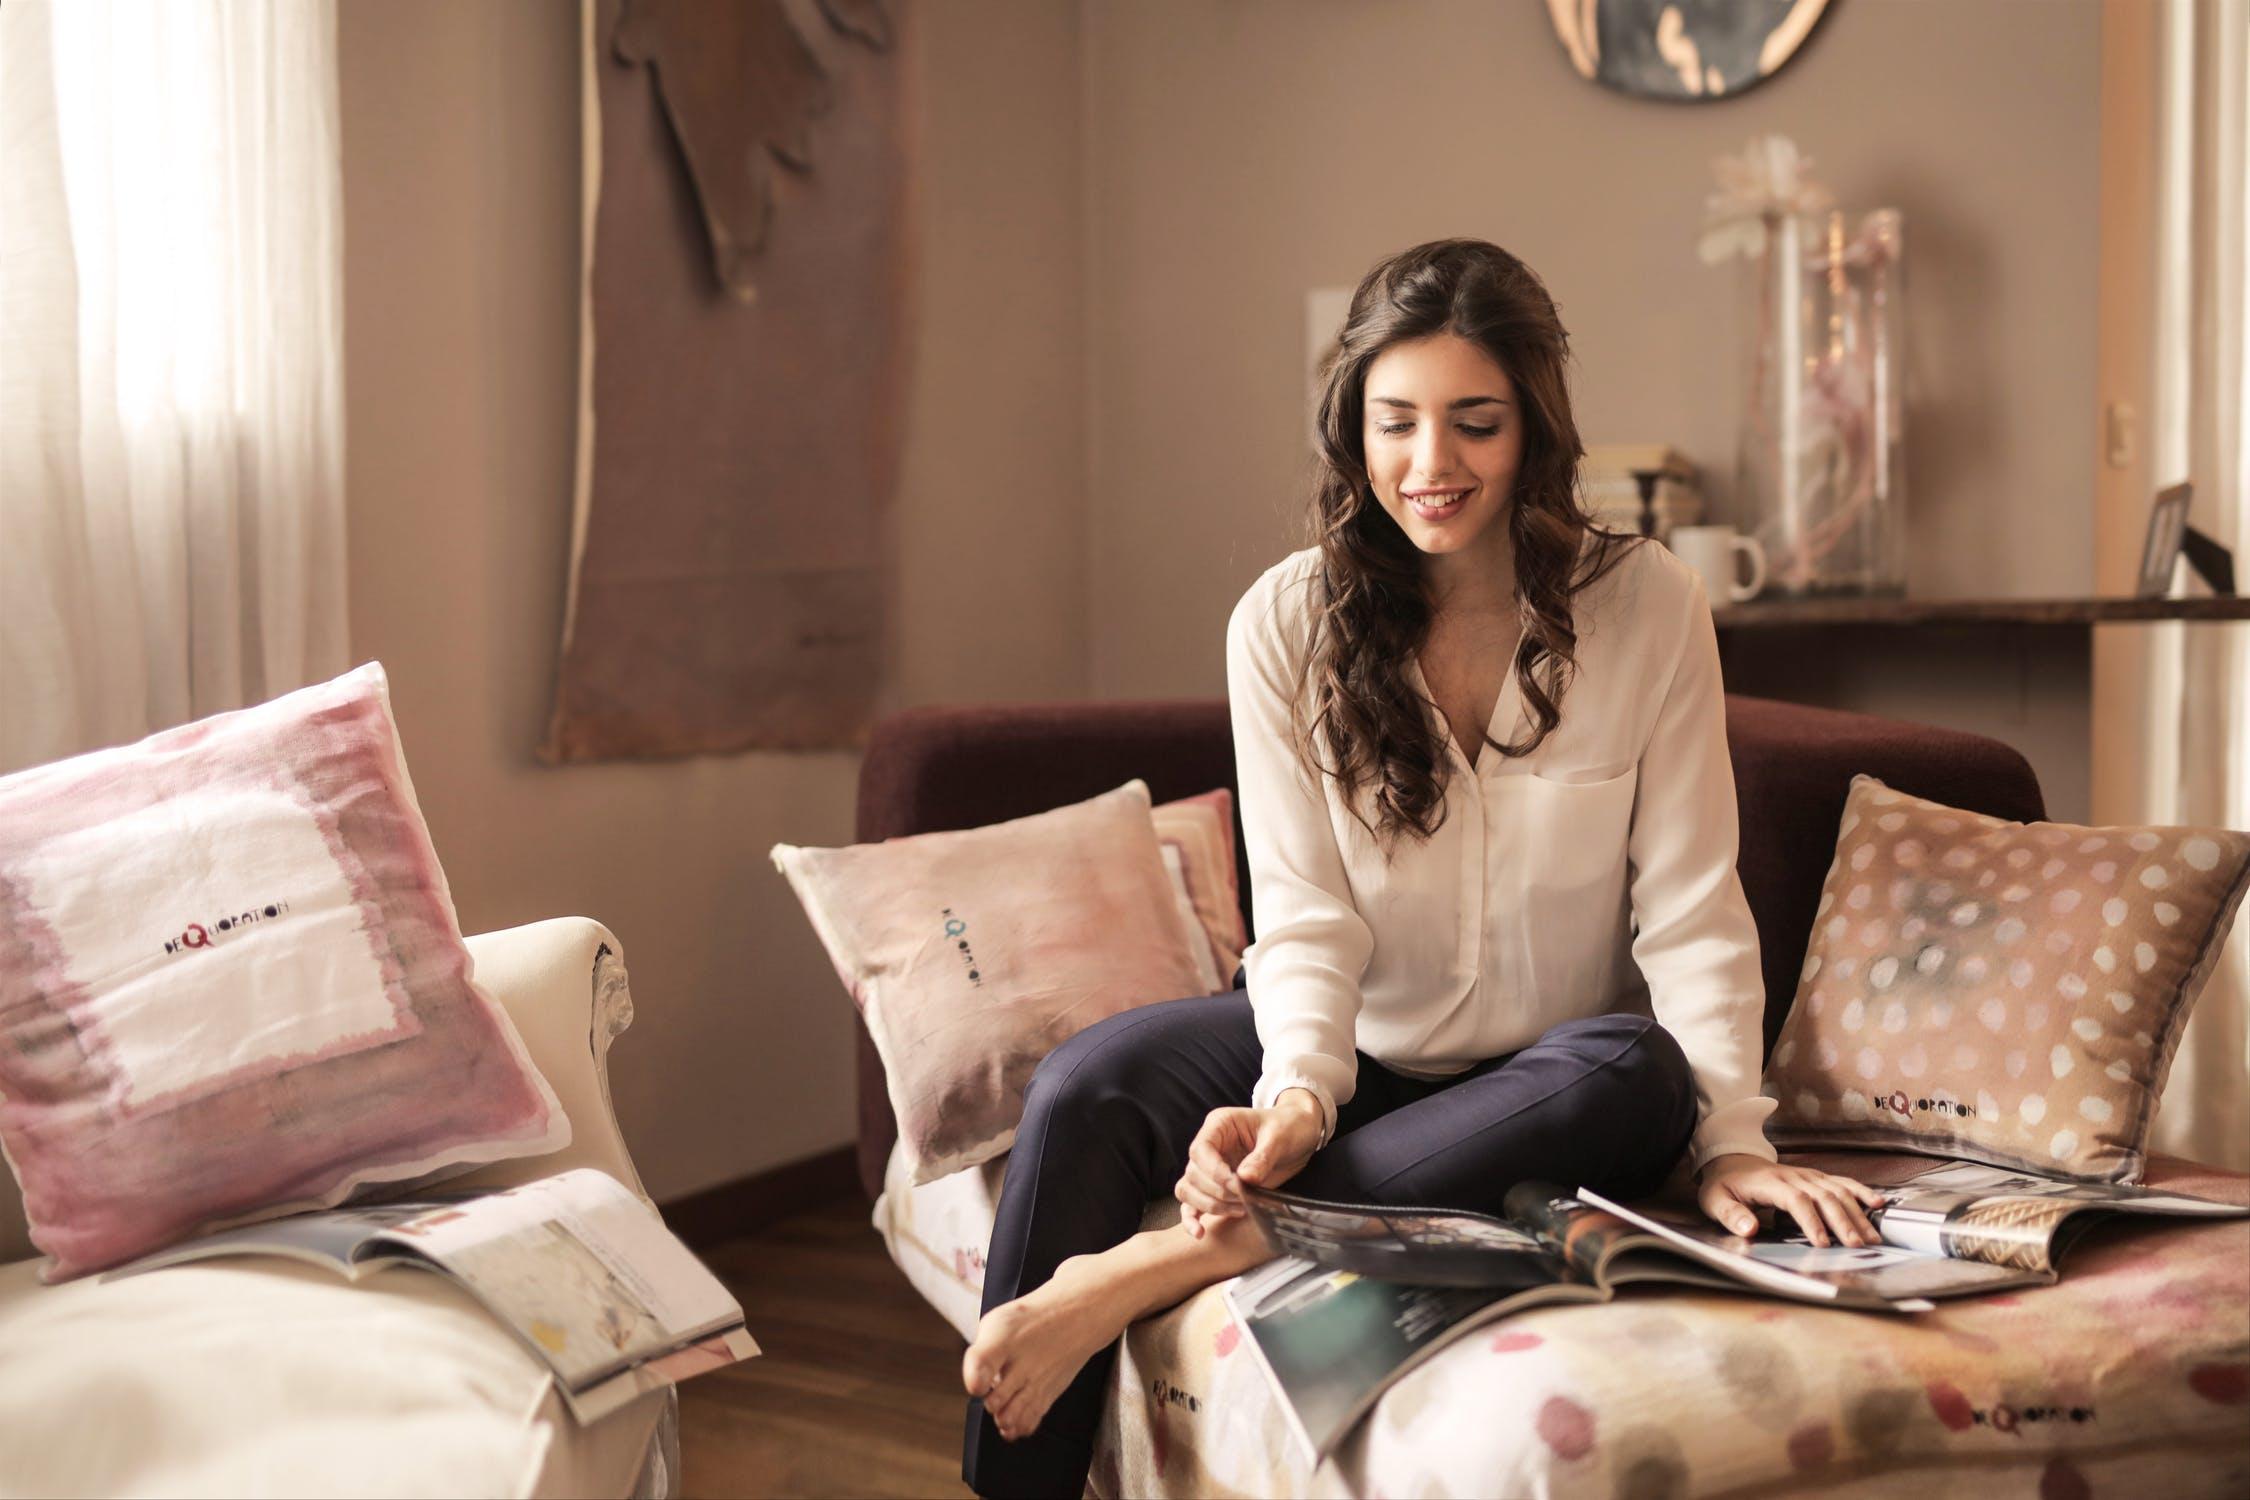 accesorios decorativos muebles cortinas lamparas led